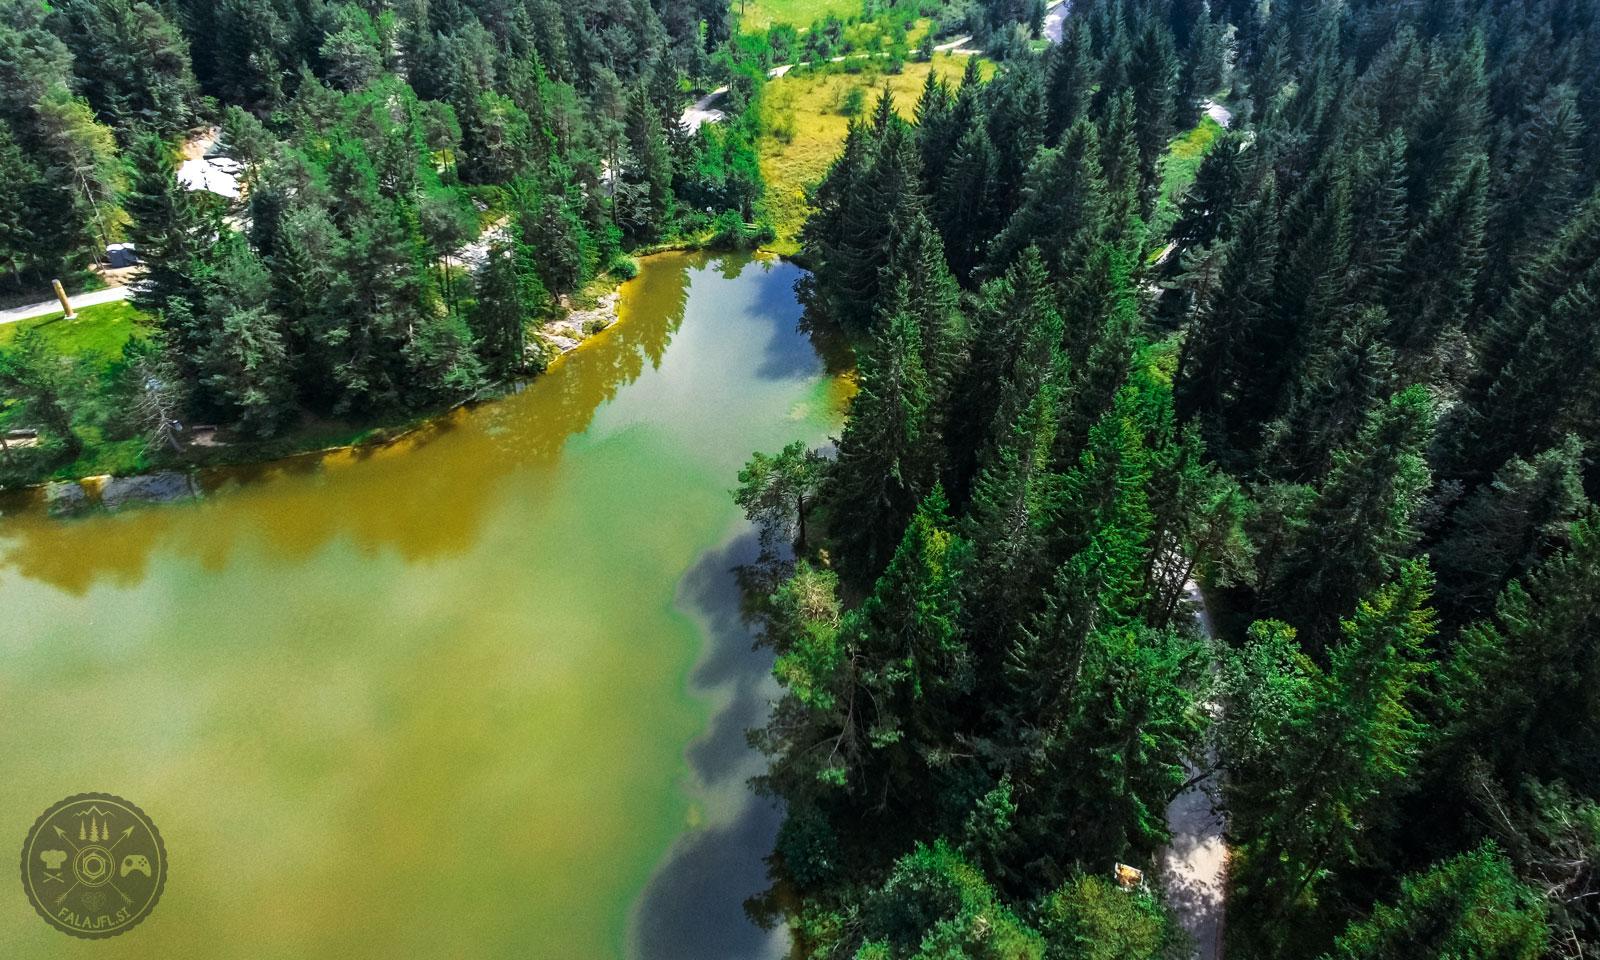 rakitnisko-jezero-foto15